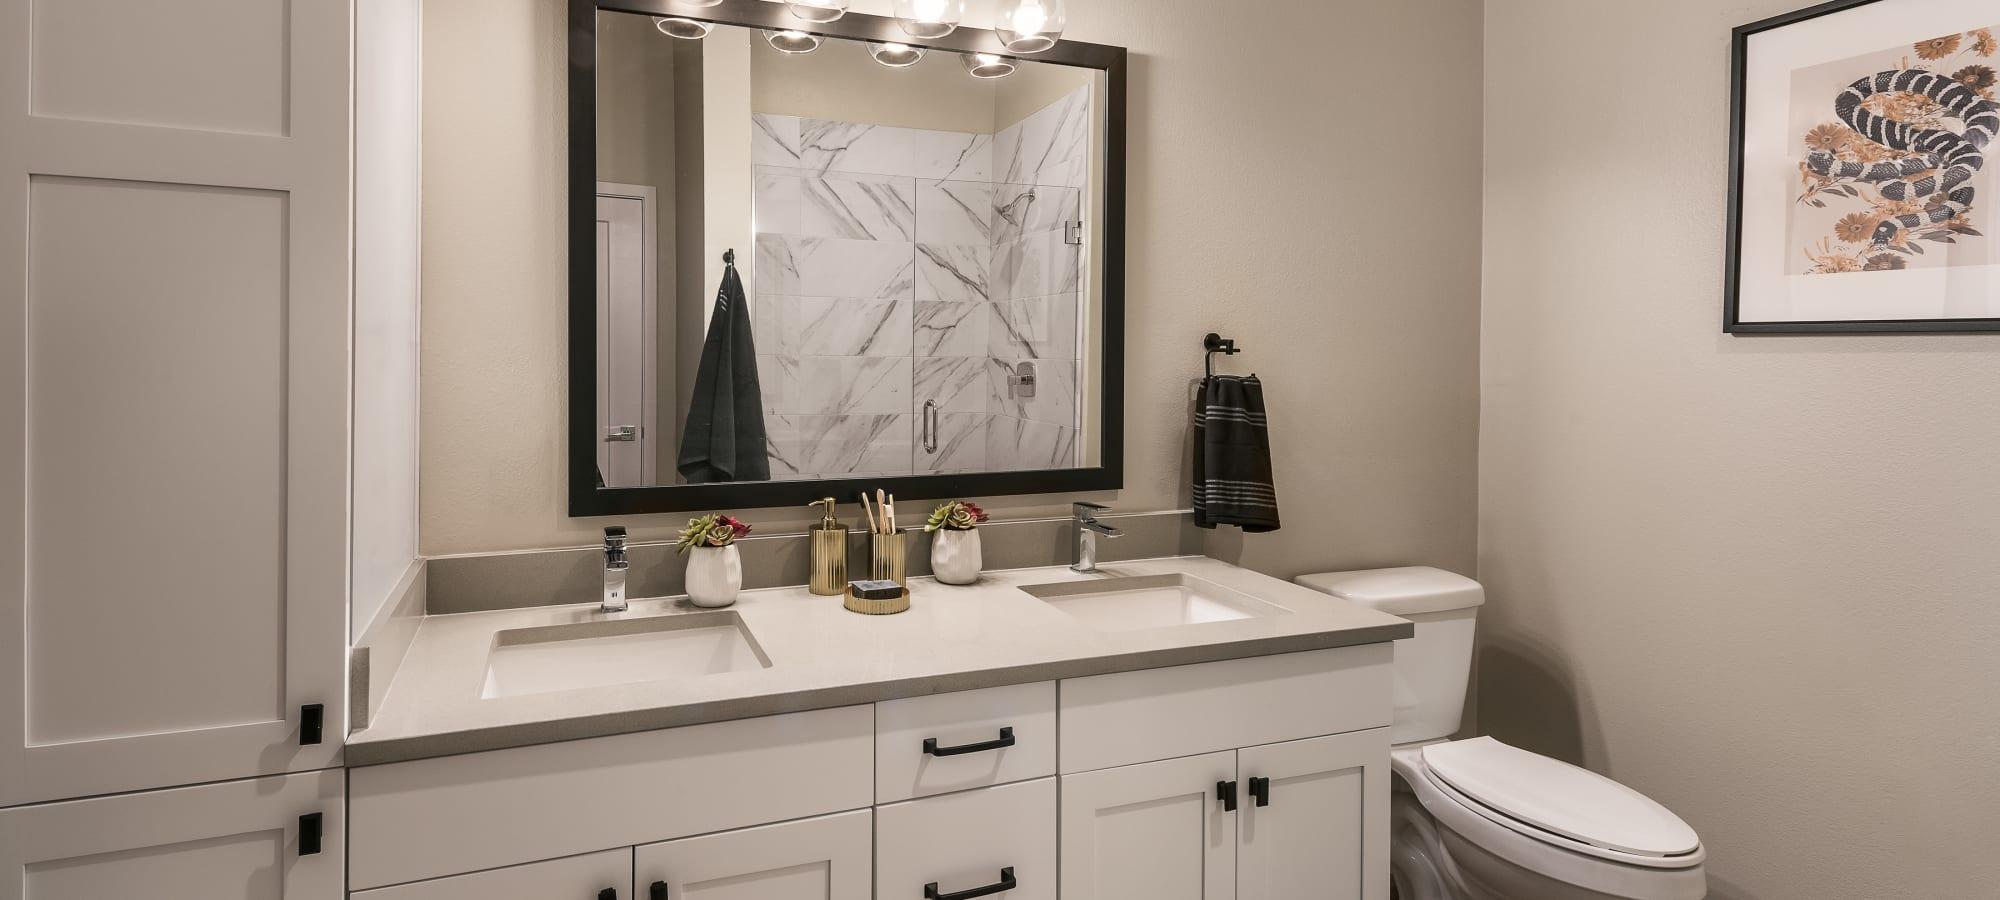 Master bathroom at Gramercy Scottsdale in Scottsdale, Arizona